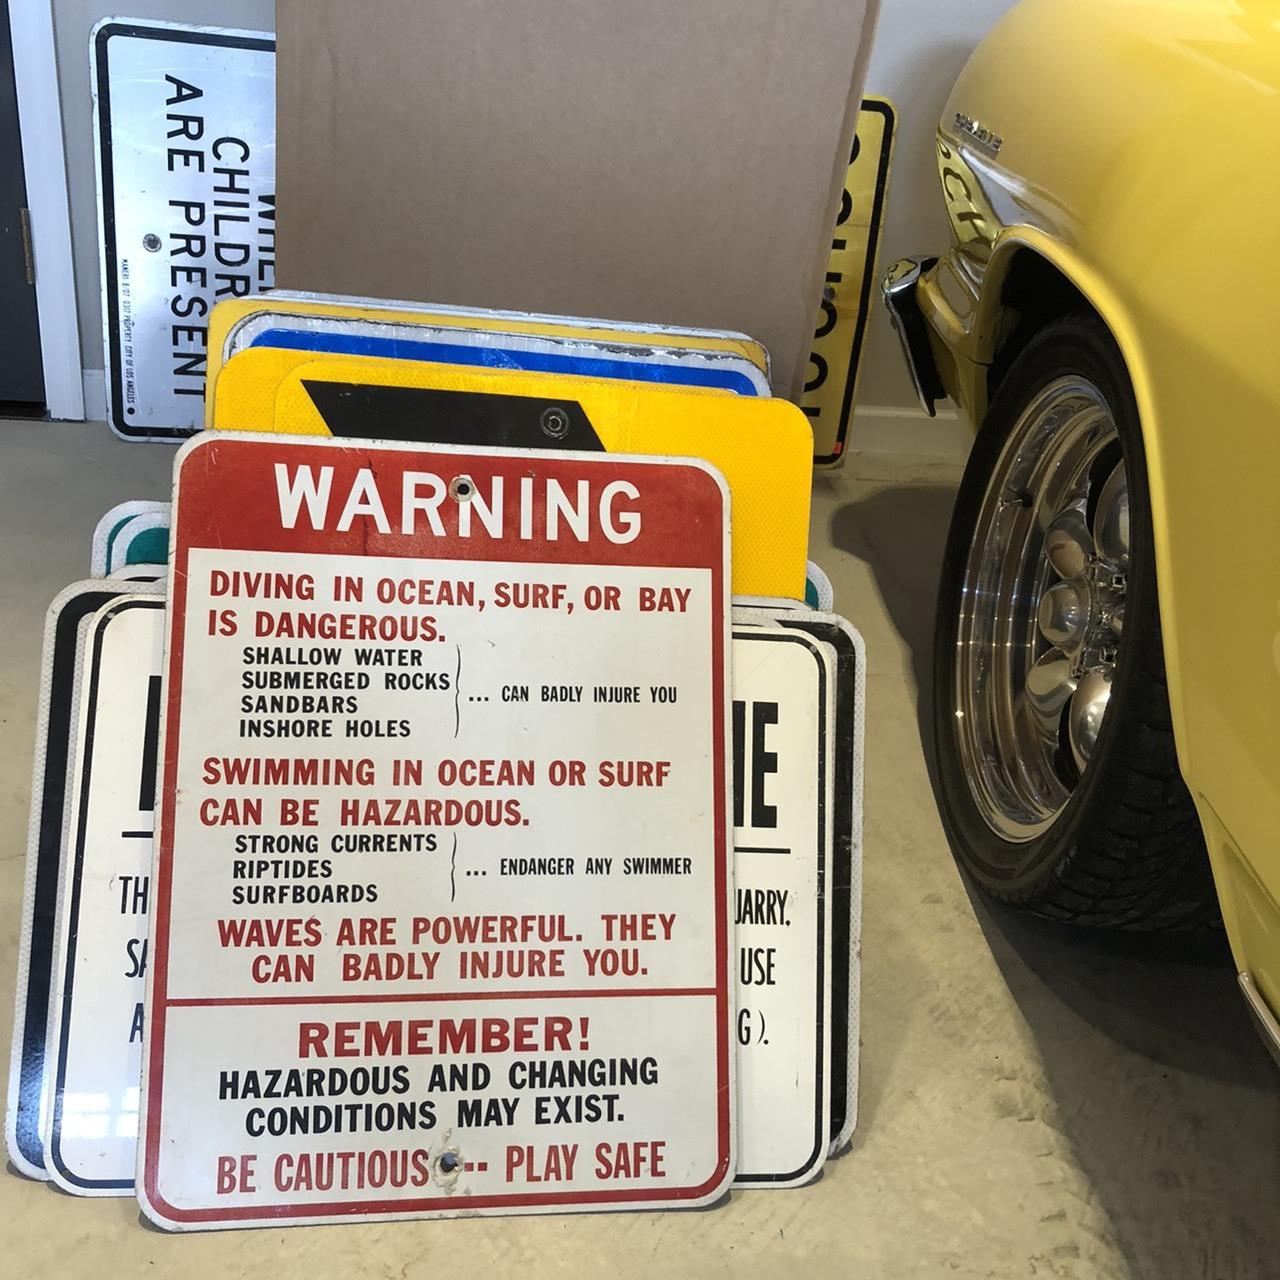 WARNING PLAY SAFE アメリカンロードサイン トラフィックサイン 道路標識